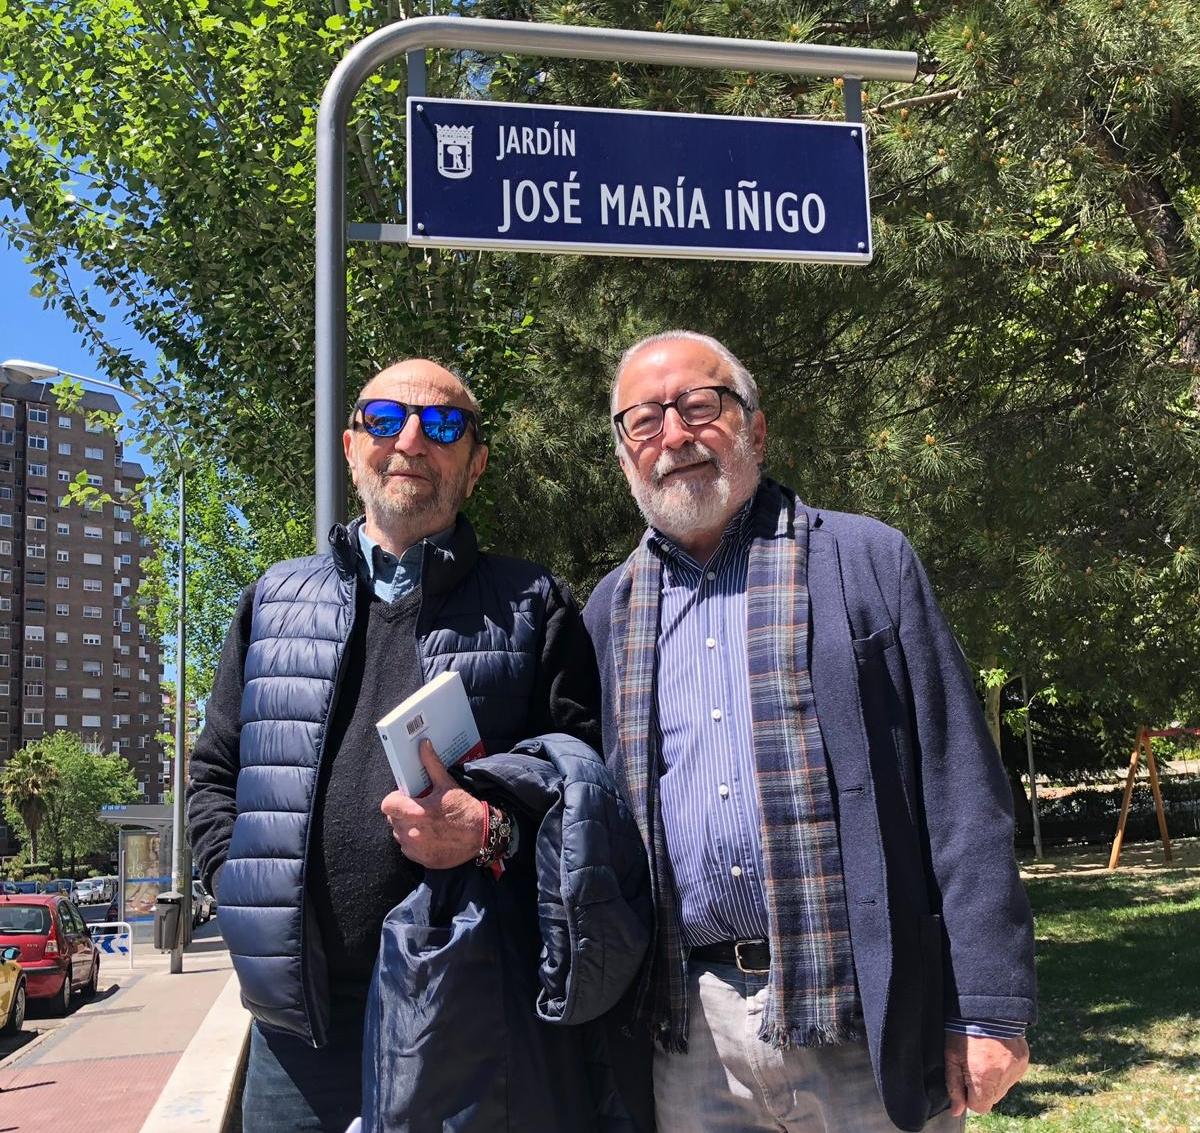 Andrés Aberasturi y José Ramón Pardo en los jardín de Íñigo